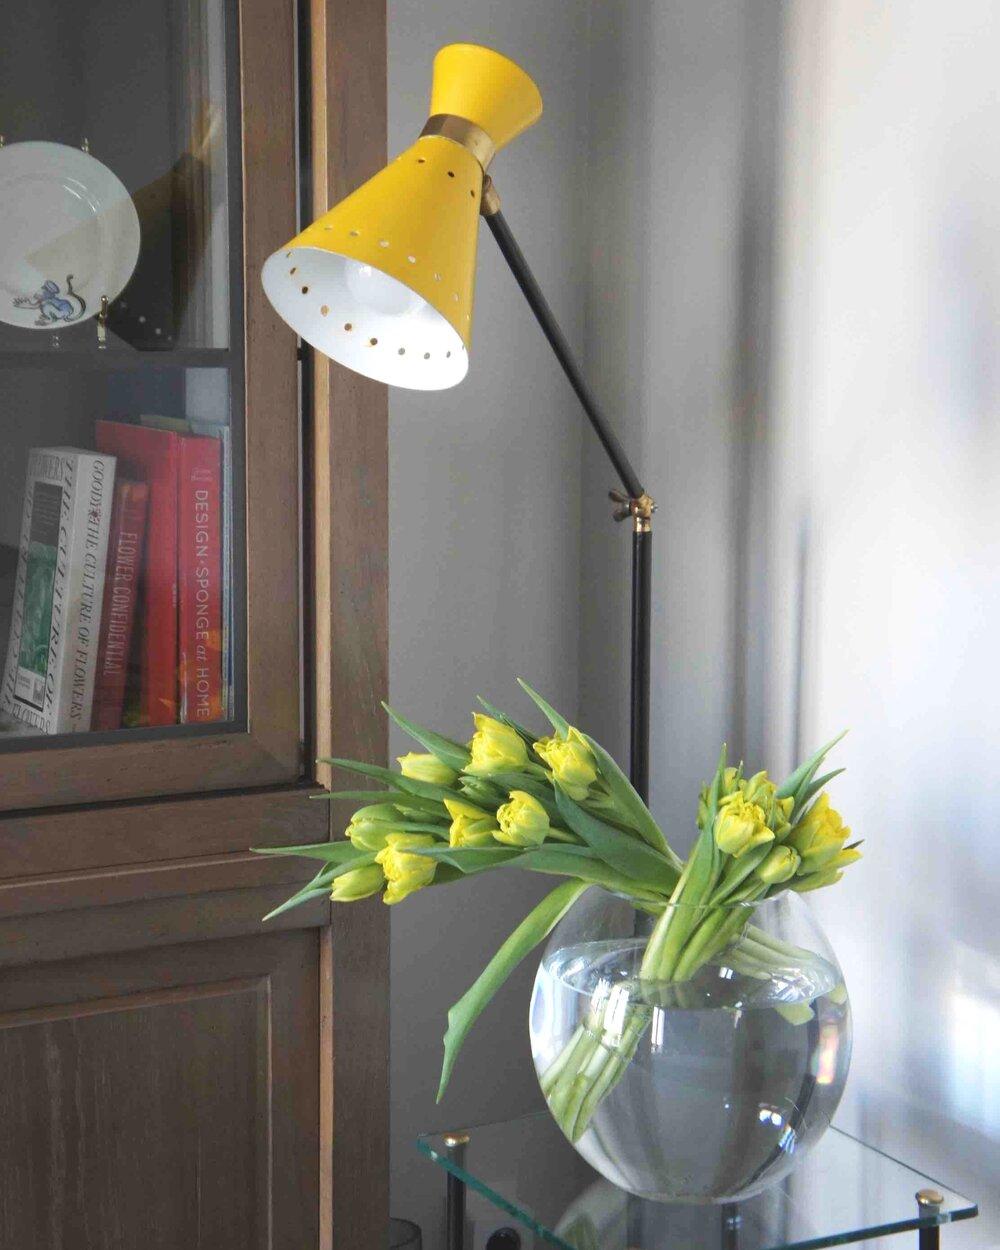 Conseils décoration : que faut-il savoir à propos de la décoration d'une maison ?